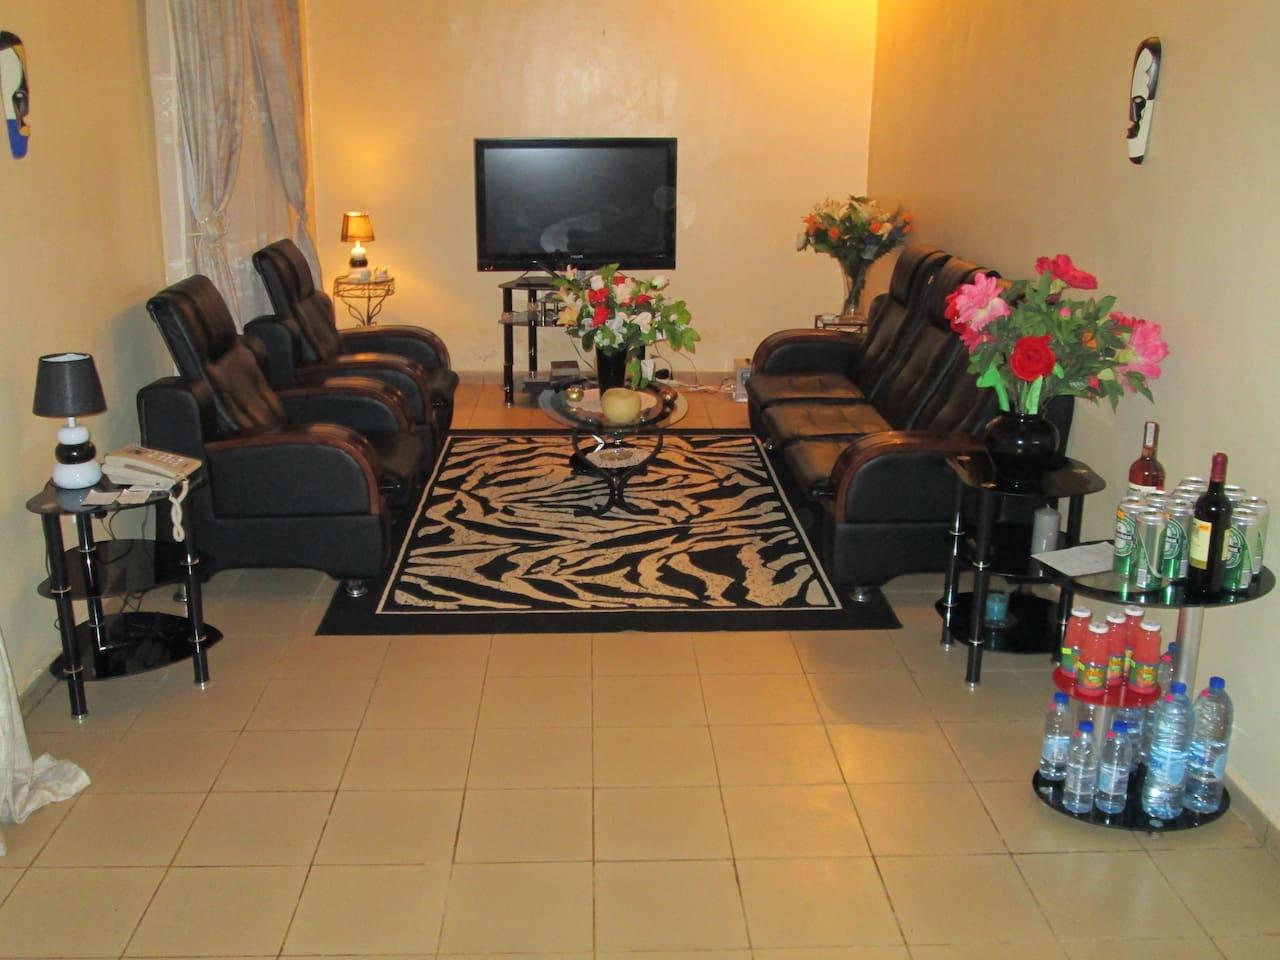 Le séjour. Canapé en cuir, grand écran plat avec les chaines de canal plus. Salon climatisé